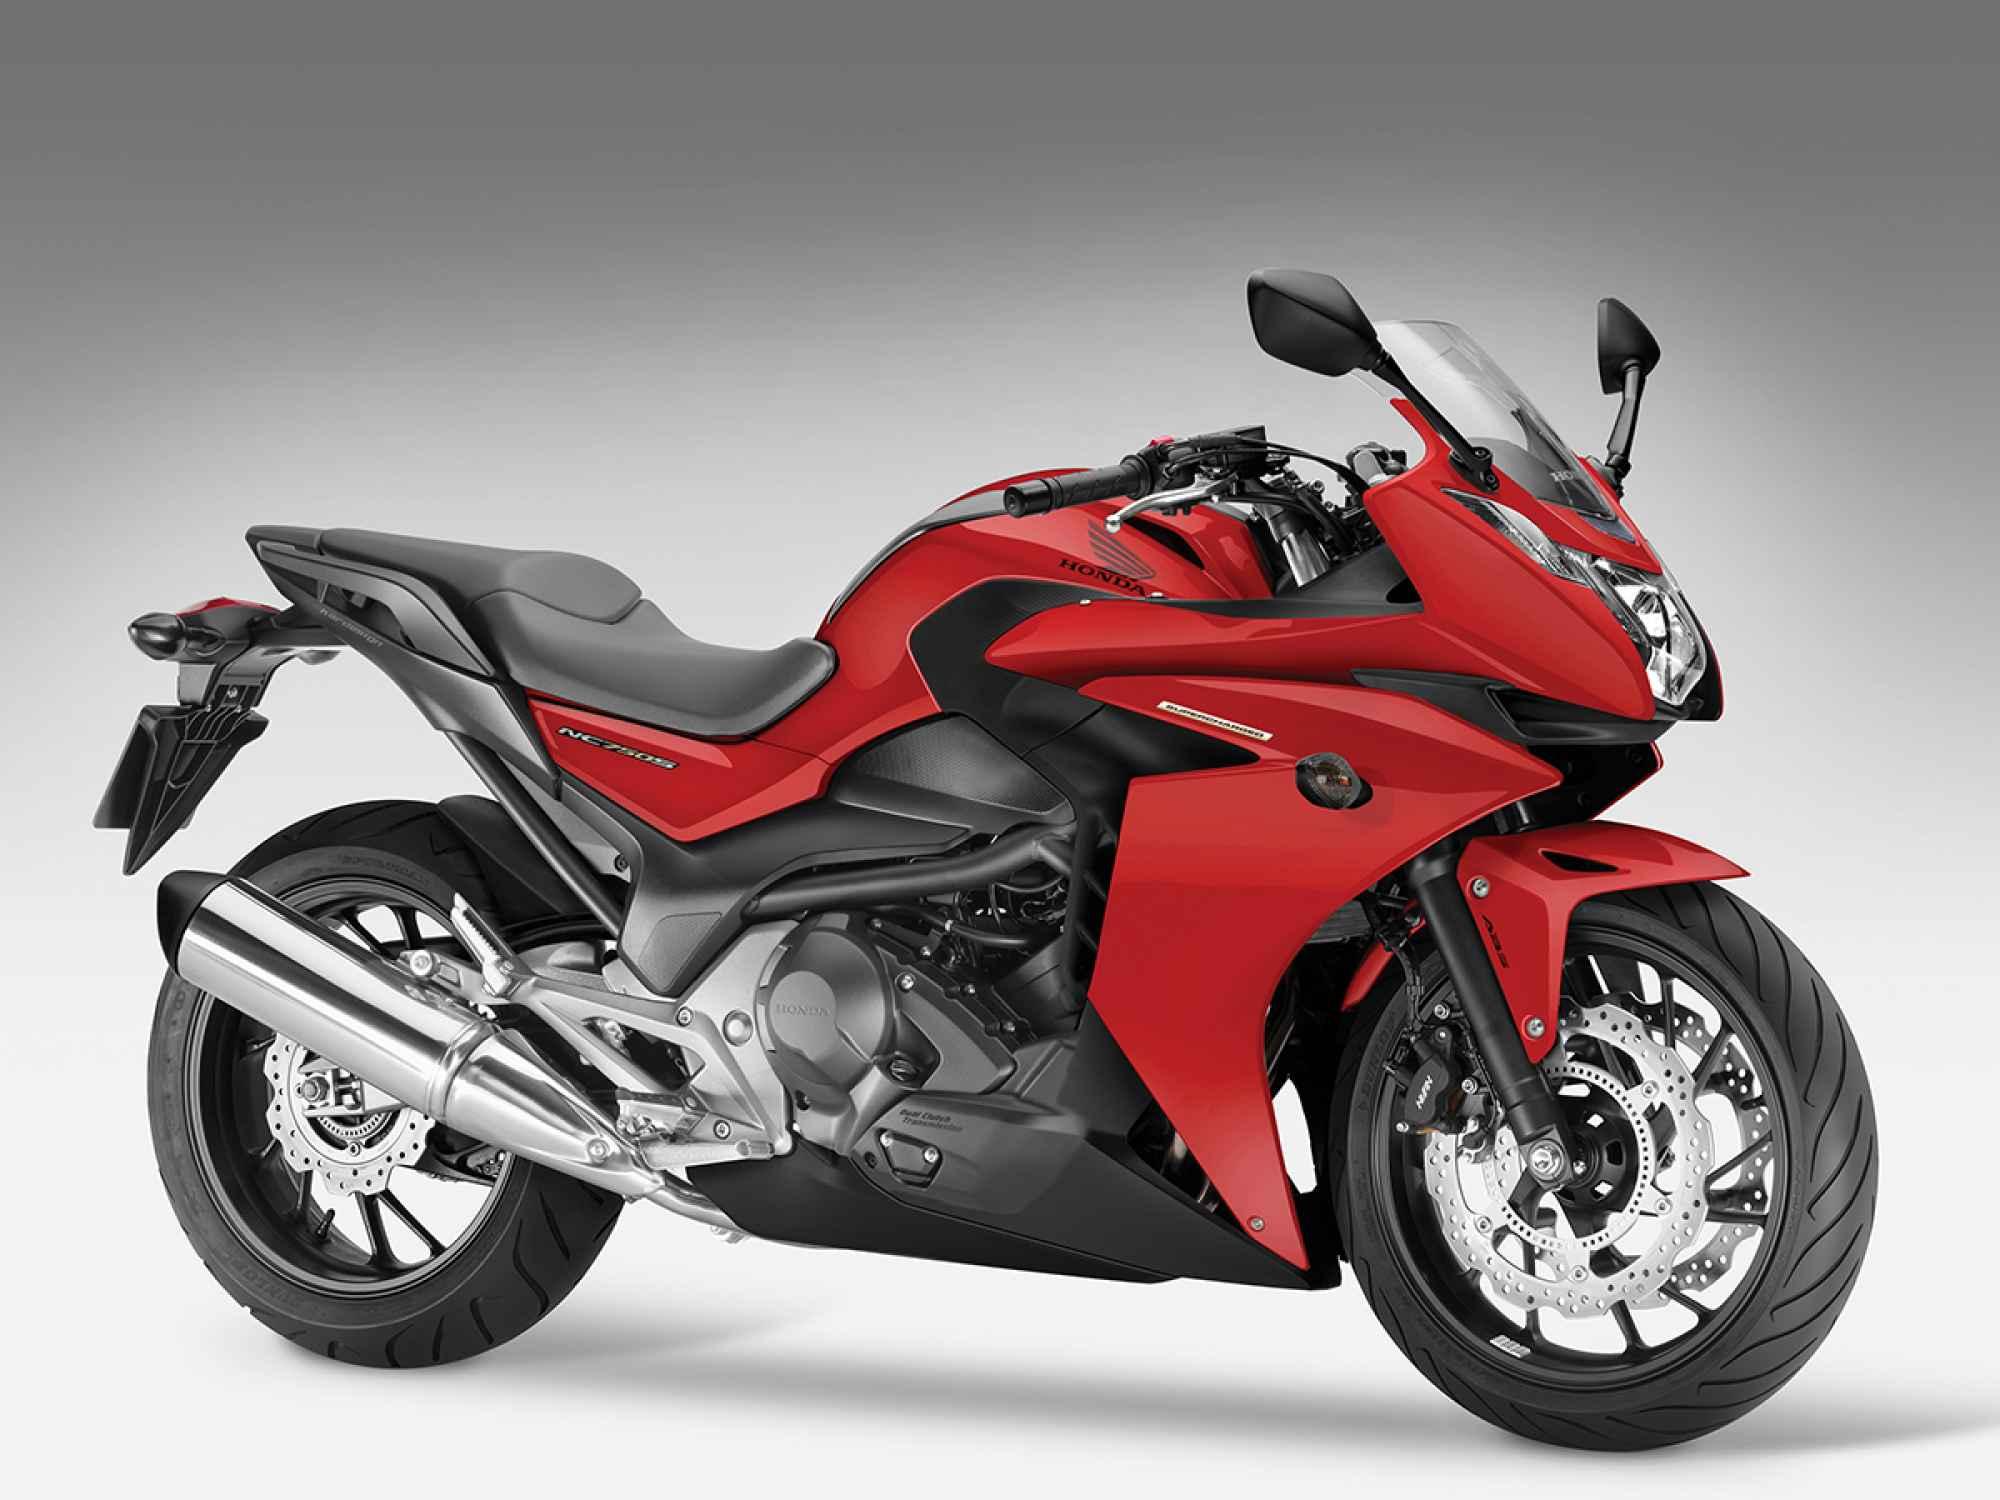 ภาพประกอบจาก Motorcyclistonline.com